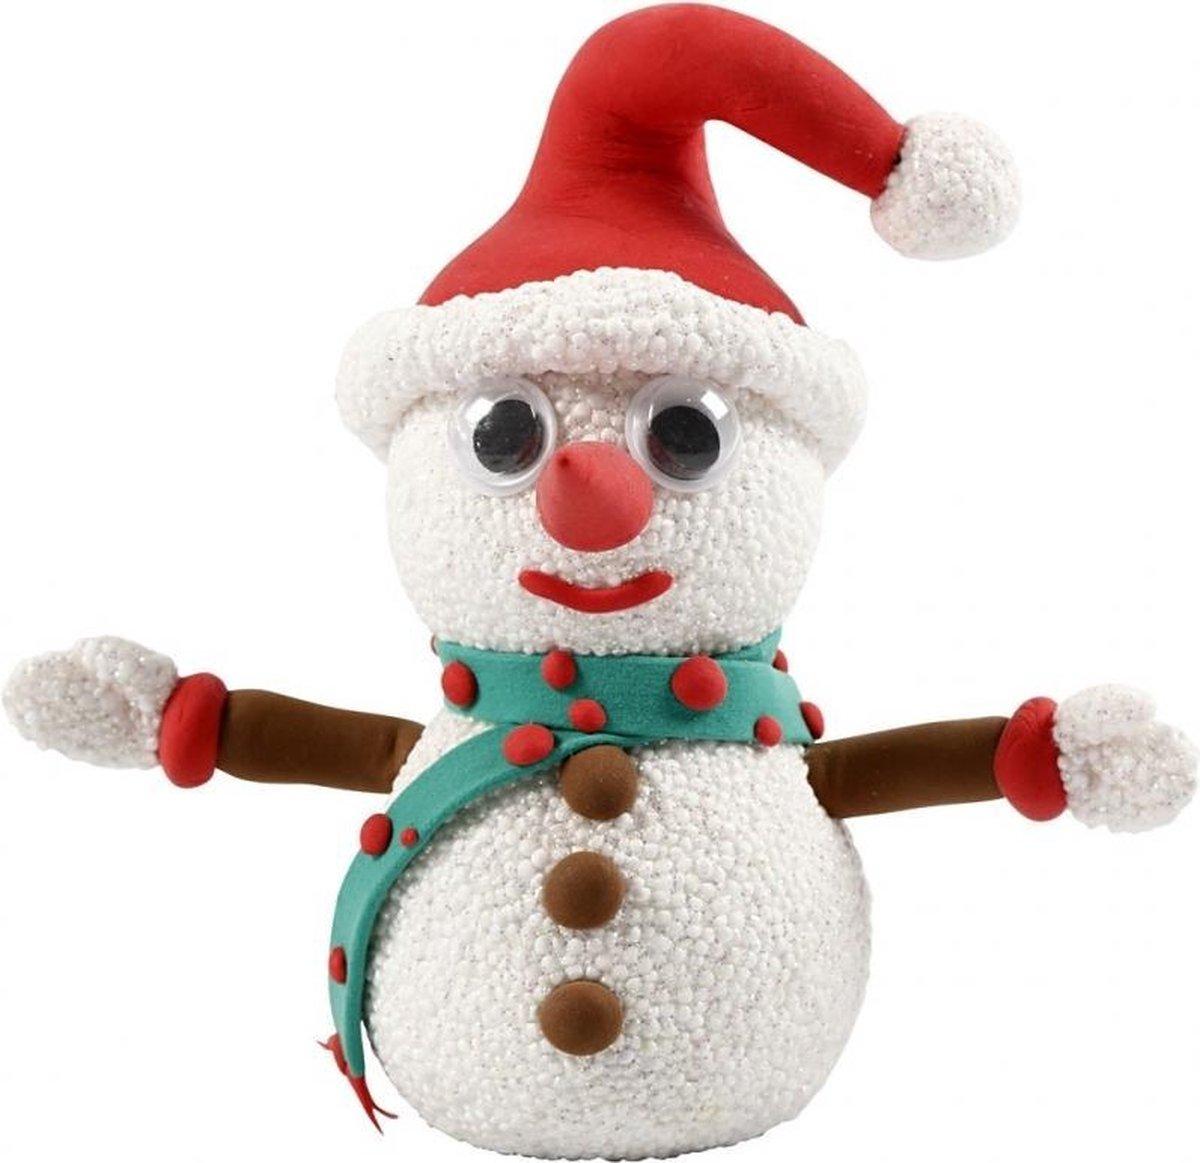 Kerst Knutselset sneeuwpop van klei